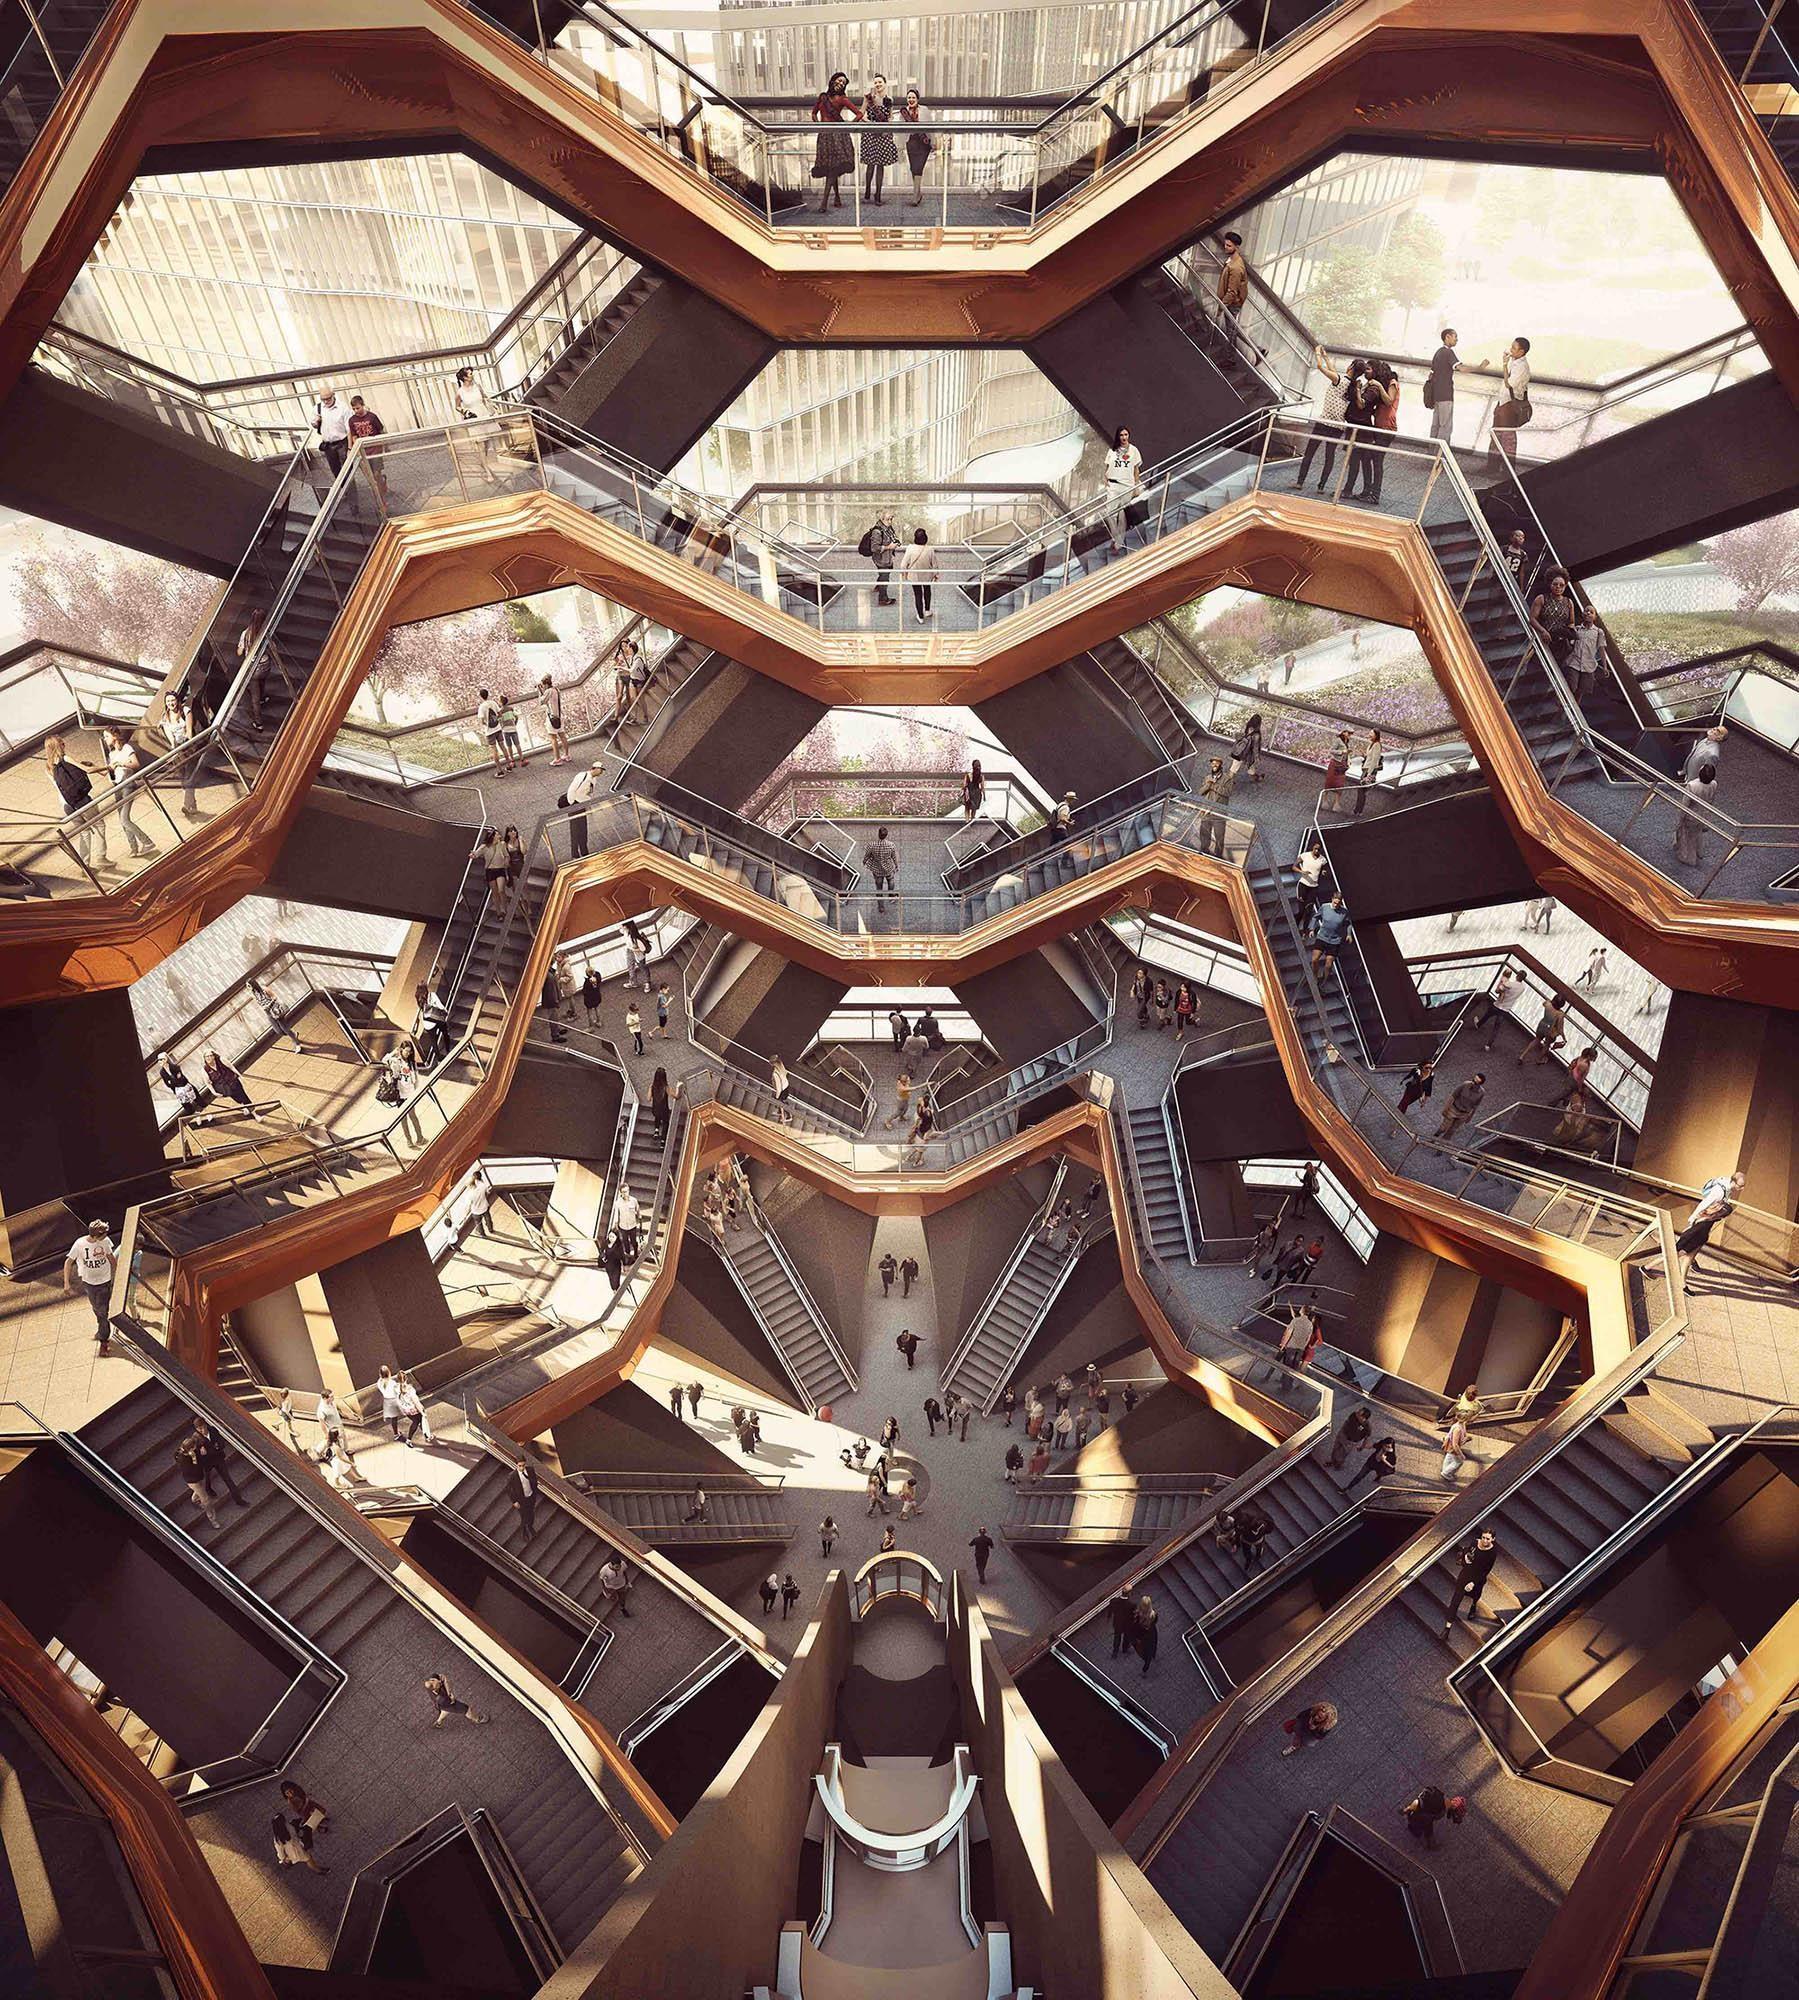 El edificio de las escaleras infinitas